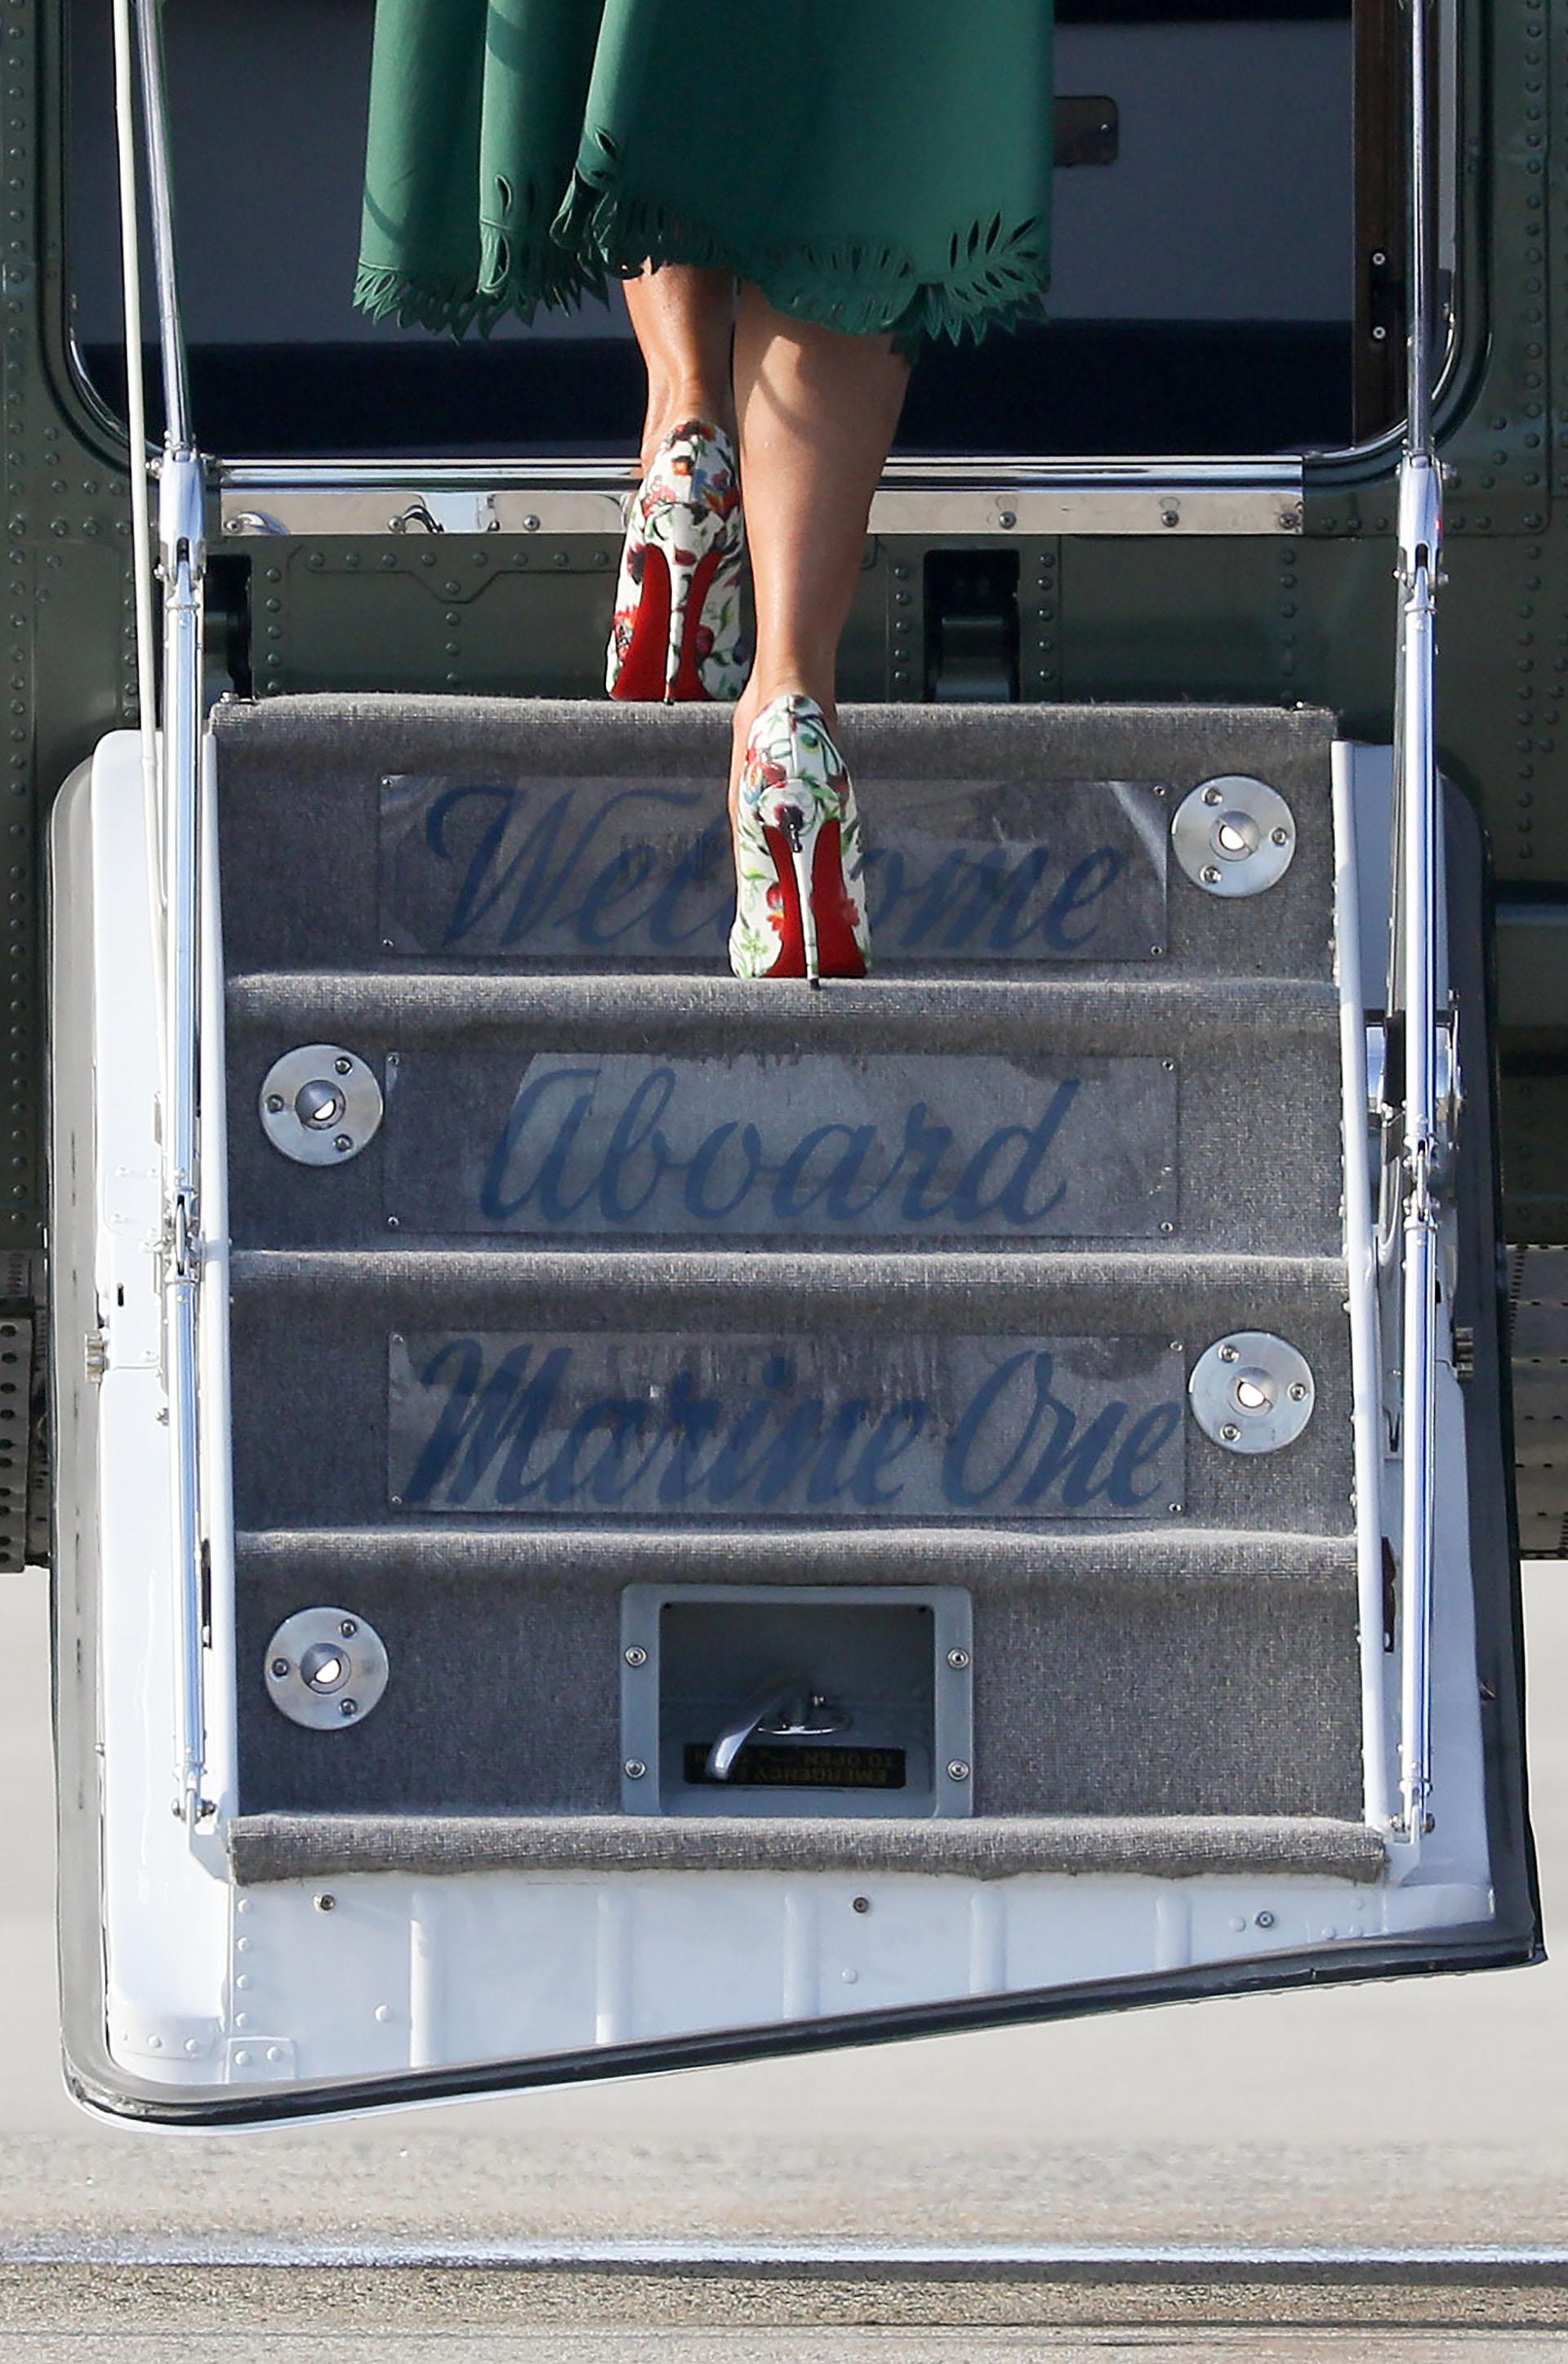 El toque que complentaba su propuesta de estilo fueron los zapatosestampados deChristian Louboutin, su firma de cabecera